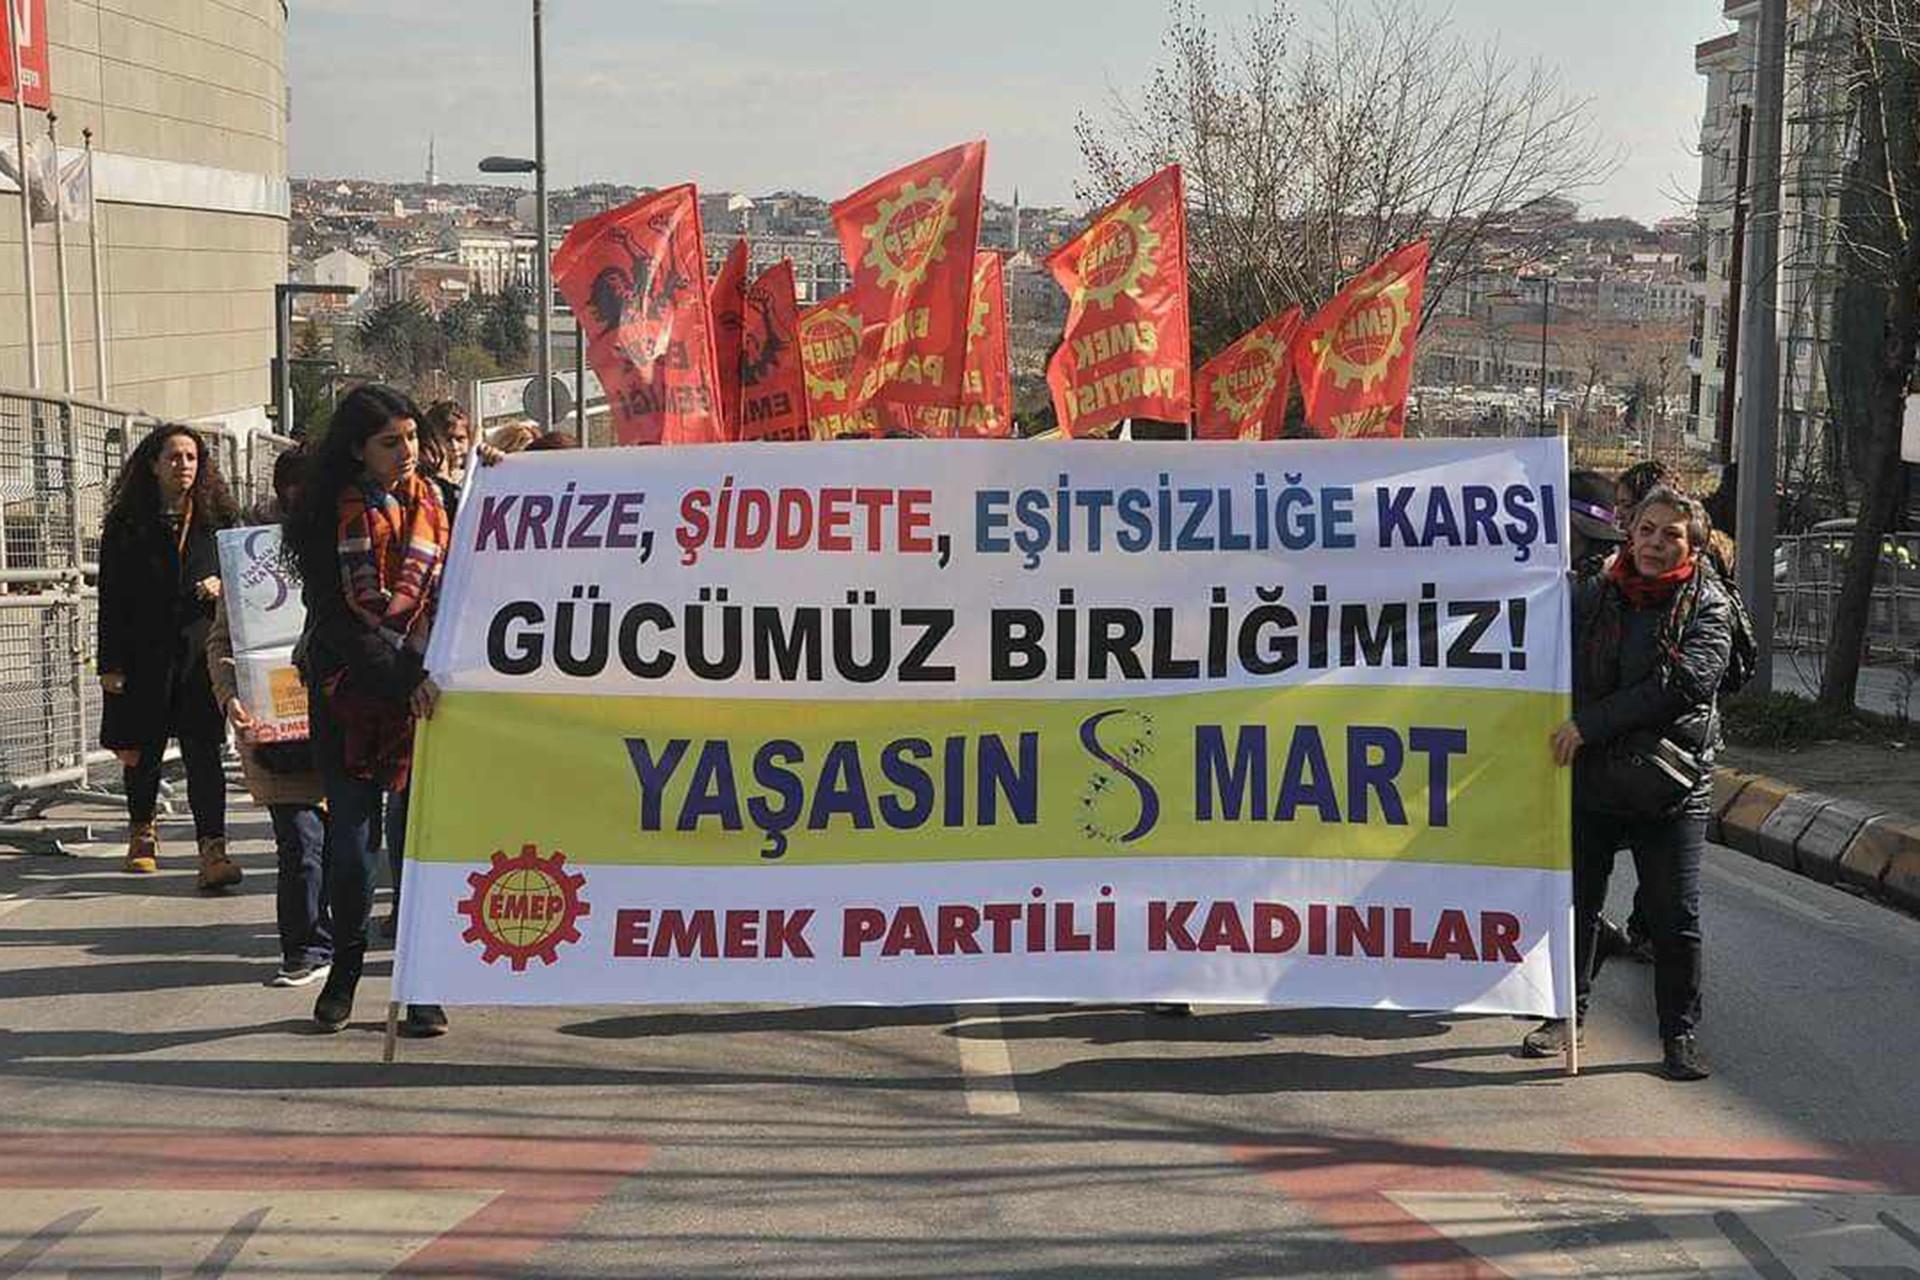 Emek Partisi üyesi kadınlar 'Krize, şiddetei eşitsizliğe karşı gücümüz birliğimiz. Yaşasın 8 Mart' pankartı taşırken